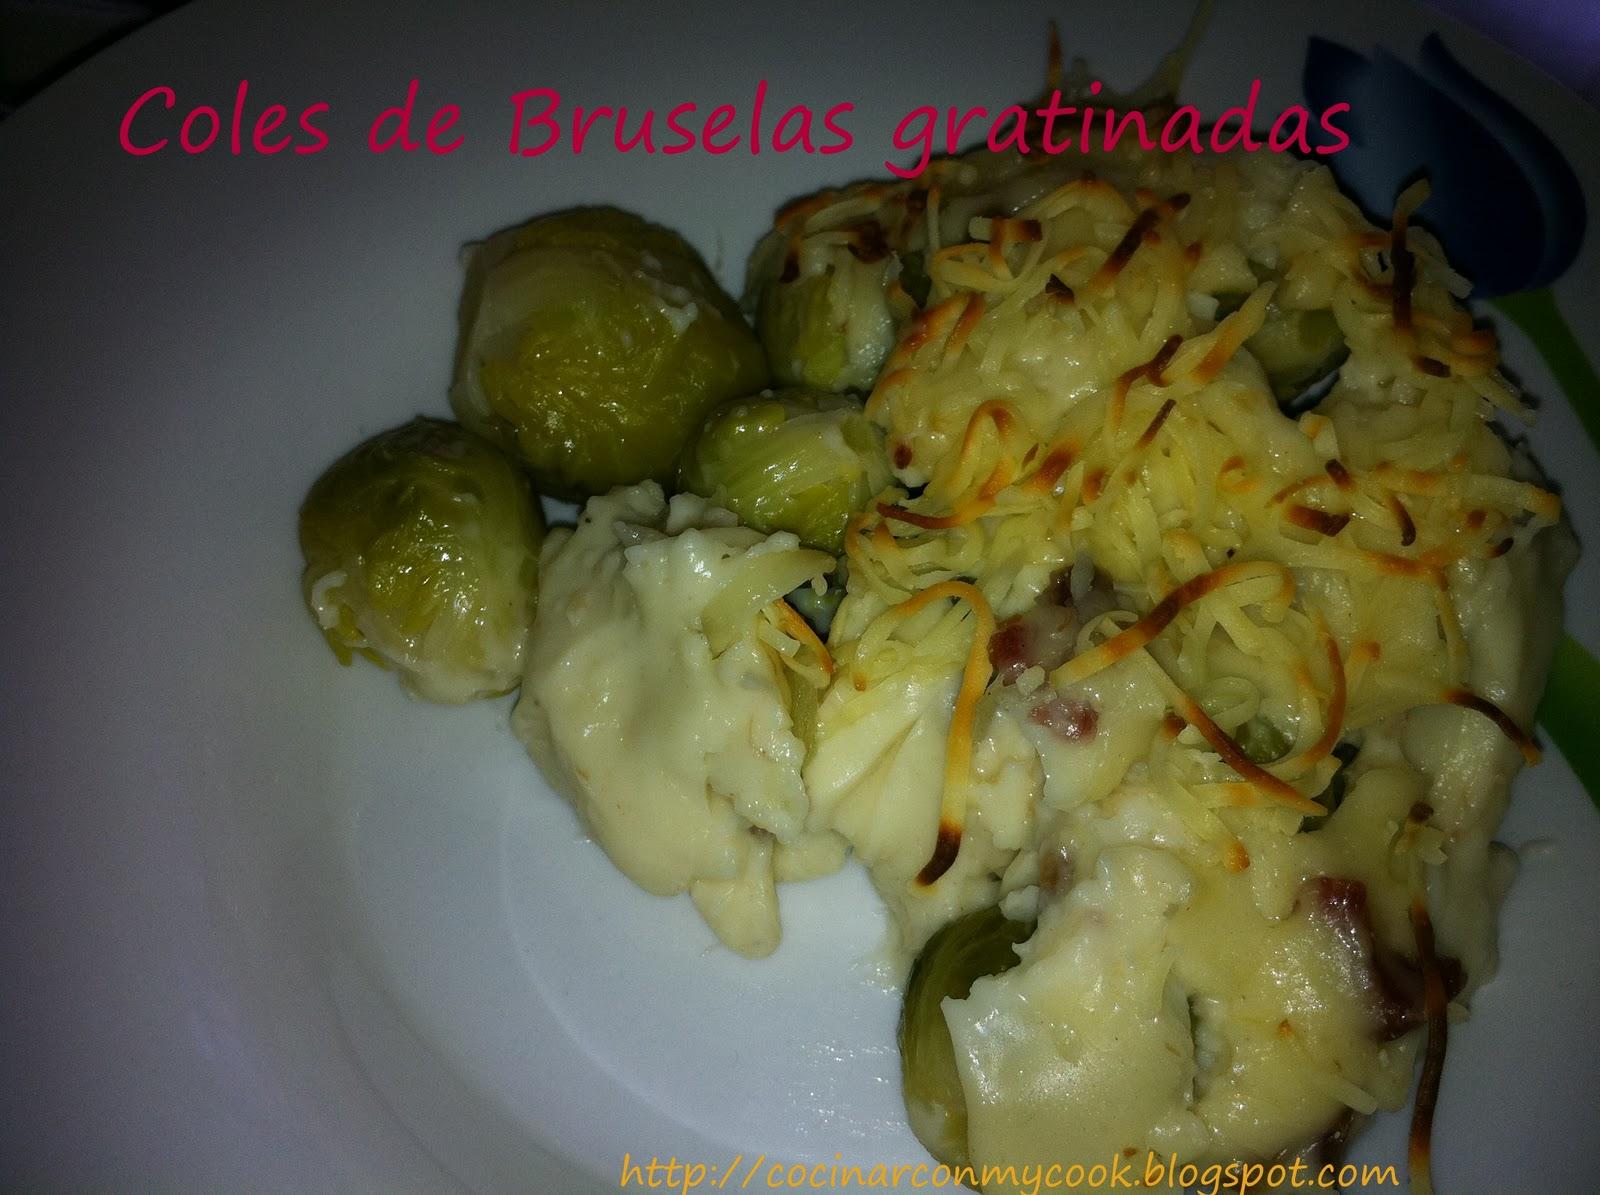 Cocinar con mycook coles de bruselas gratinadas - Cocinar coles de bruselas ...